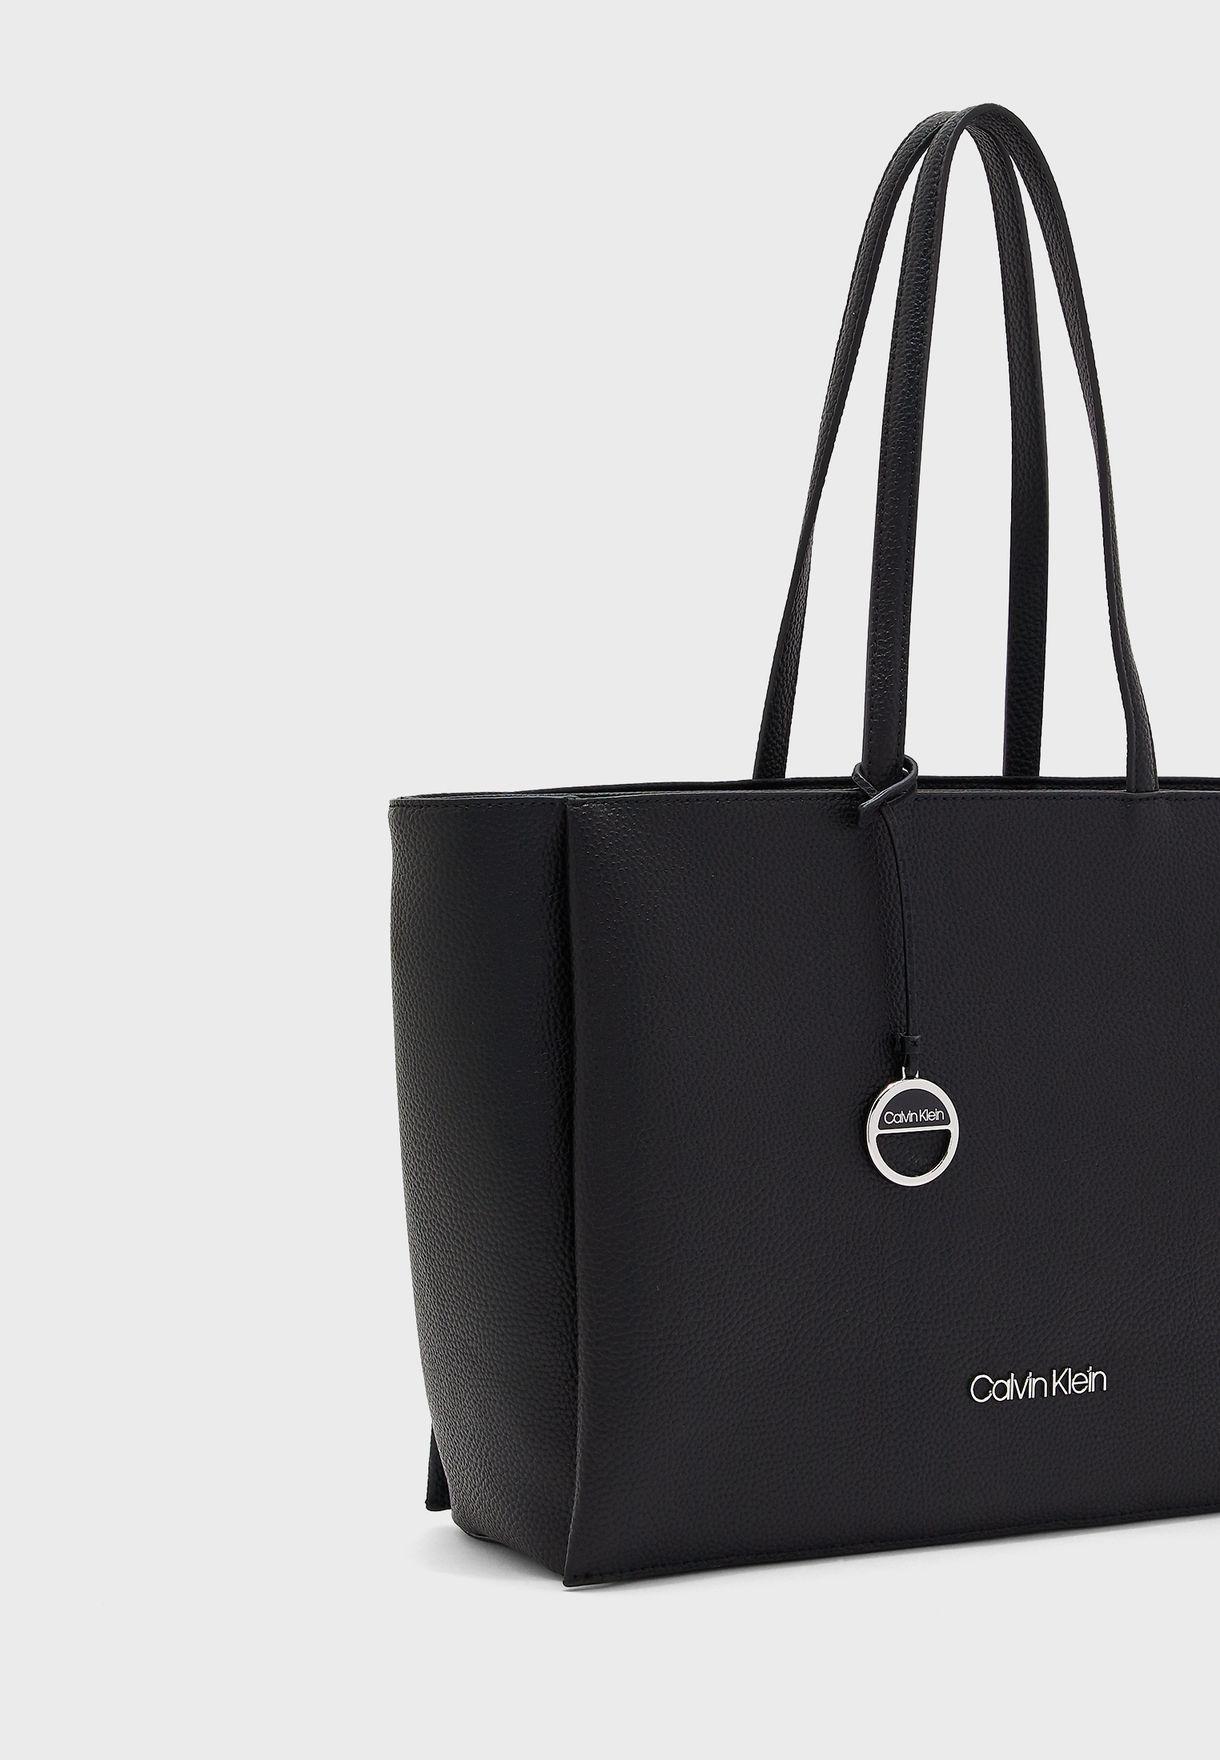 حقيبة تسوق بجيب مخصص للحاسوب المحمول